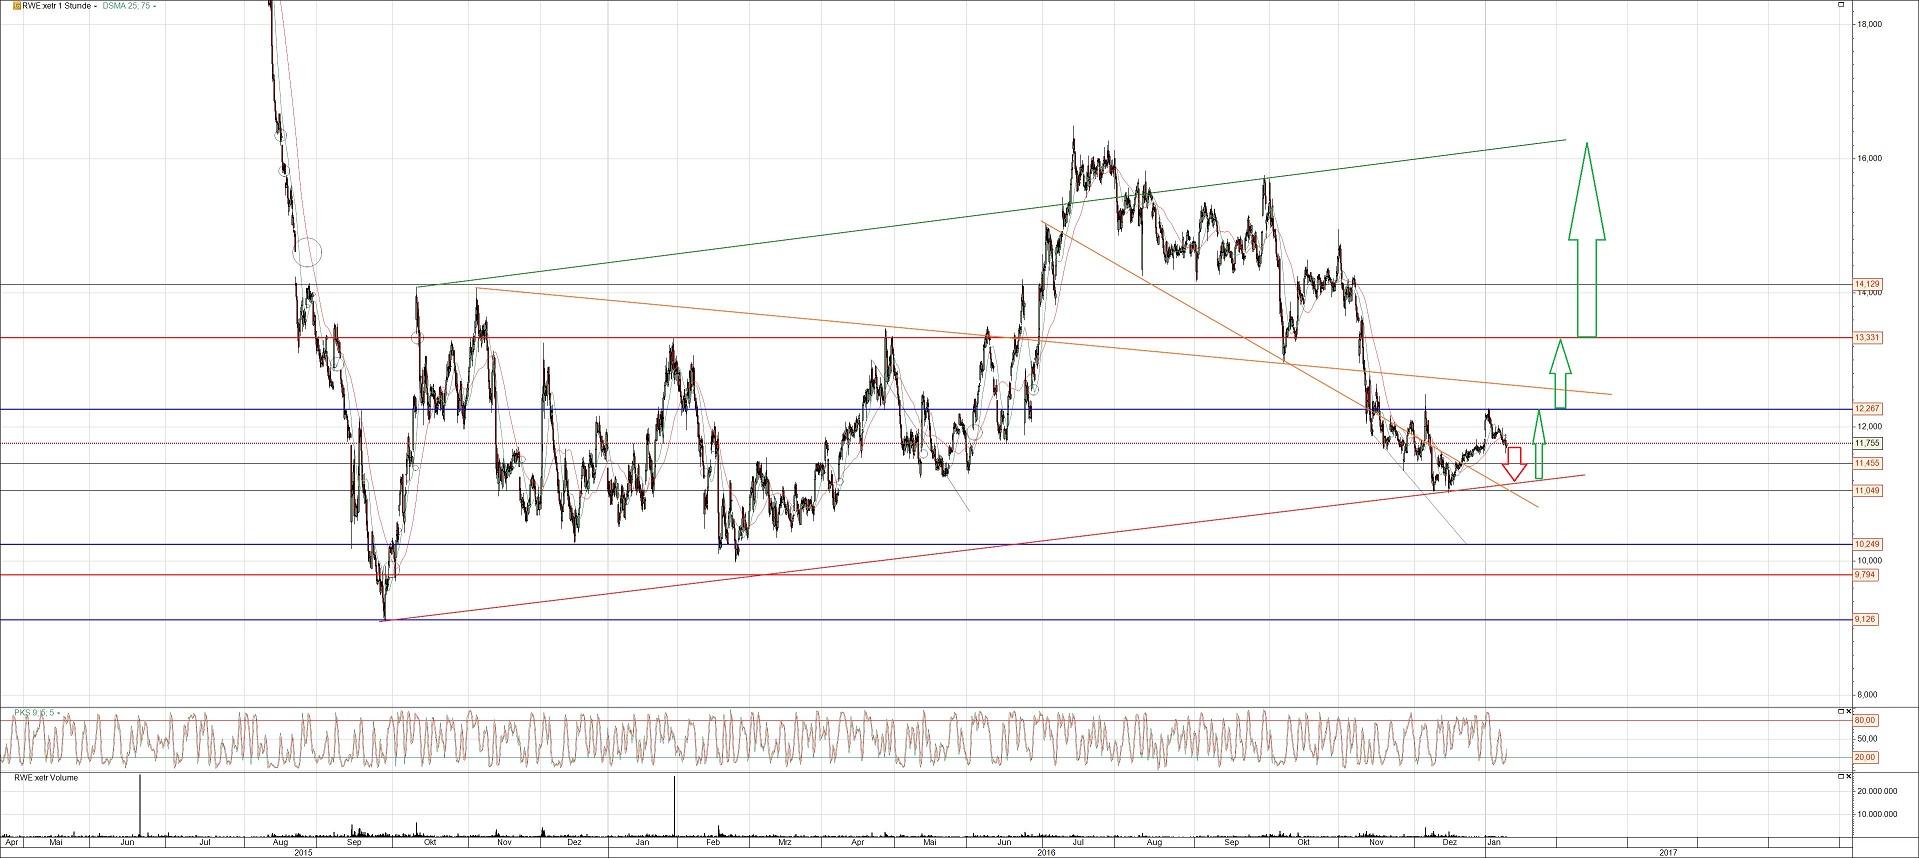 RWE Aktienchart